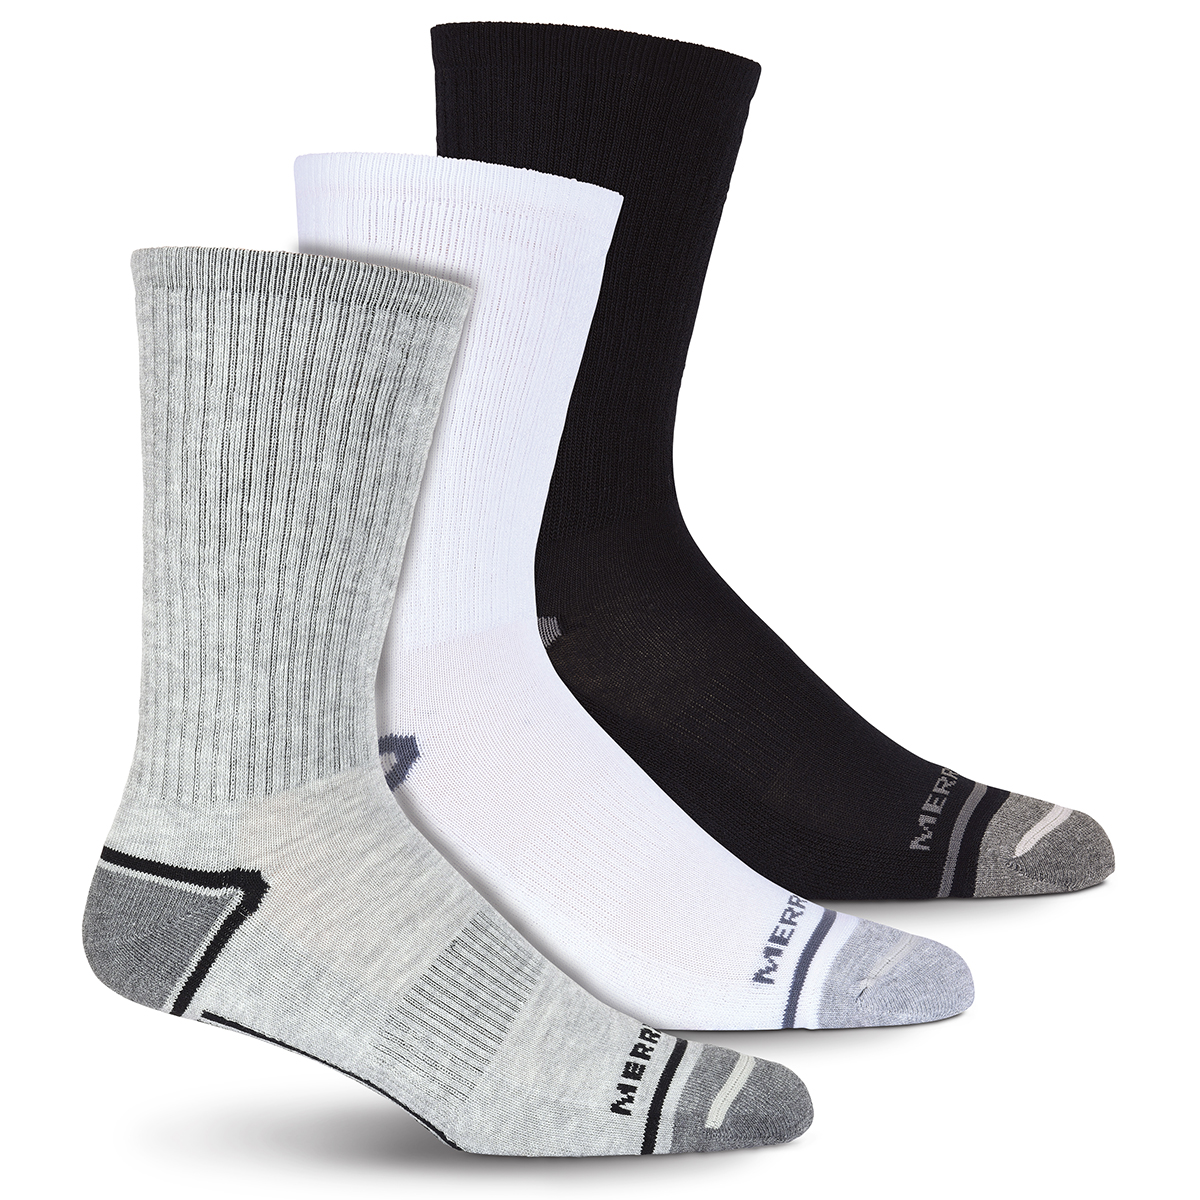 Merrell Men's Cushioned Elite Hiker Crew Socks, 3-Pack - Black, M/L